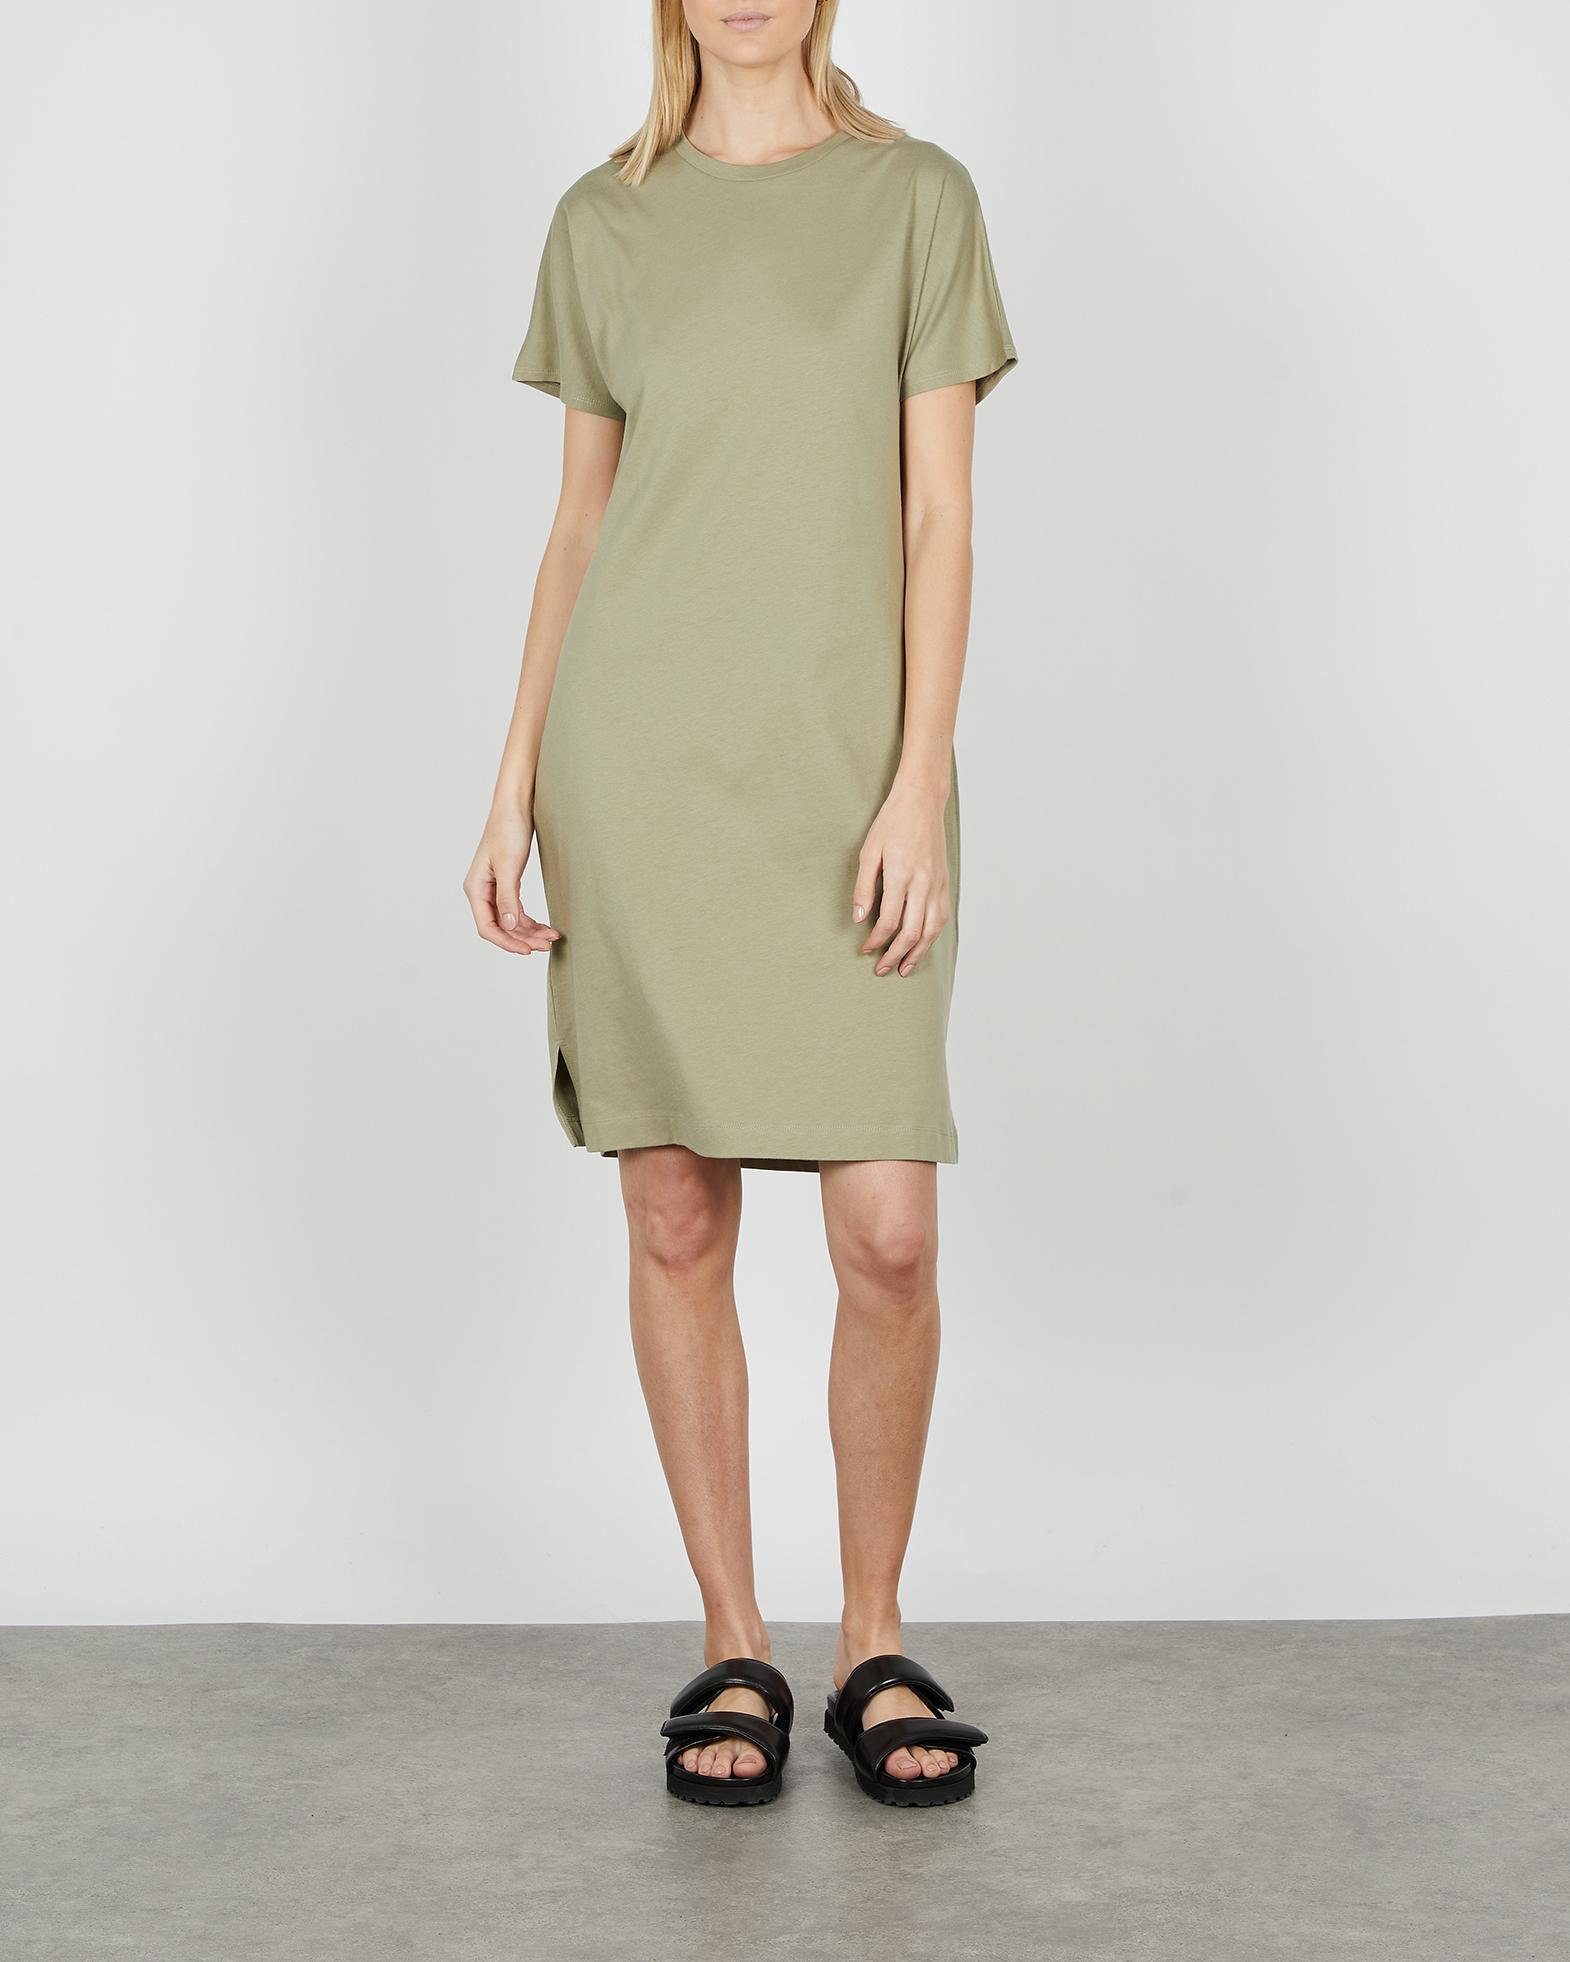 Filippa K Klänning Effie grön XS